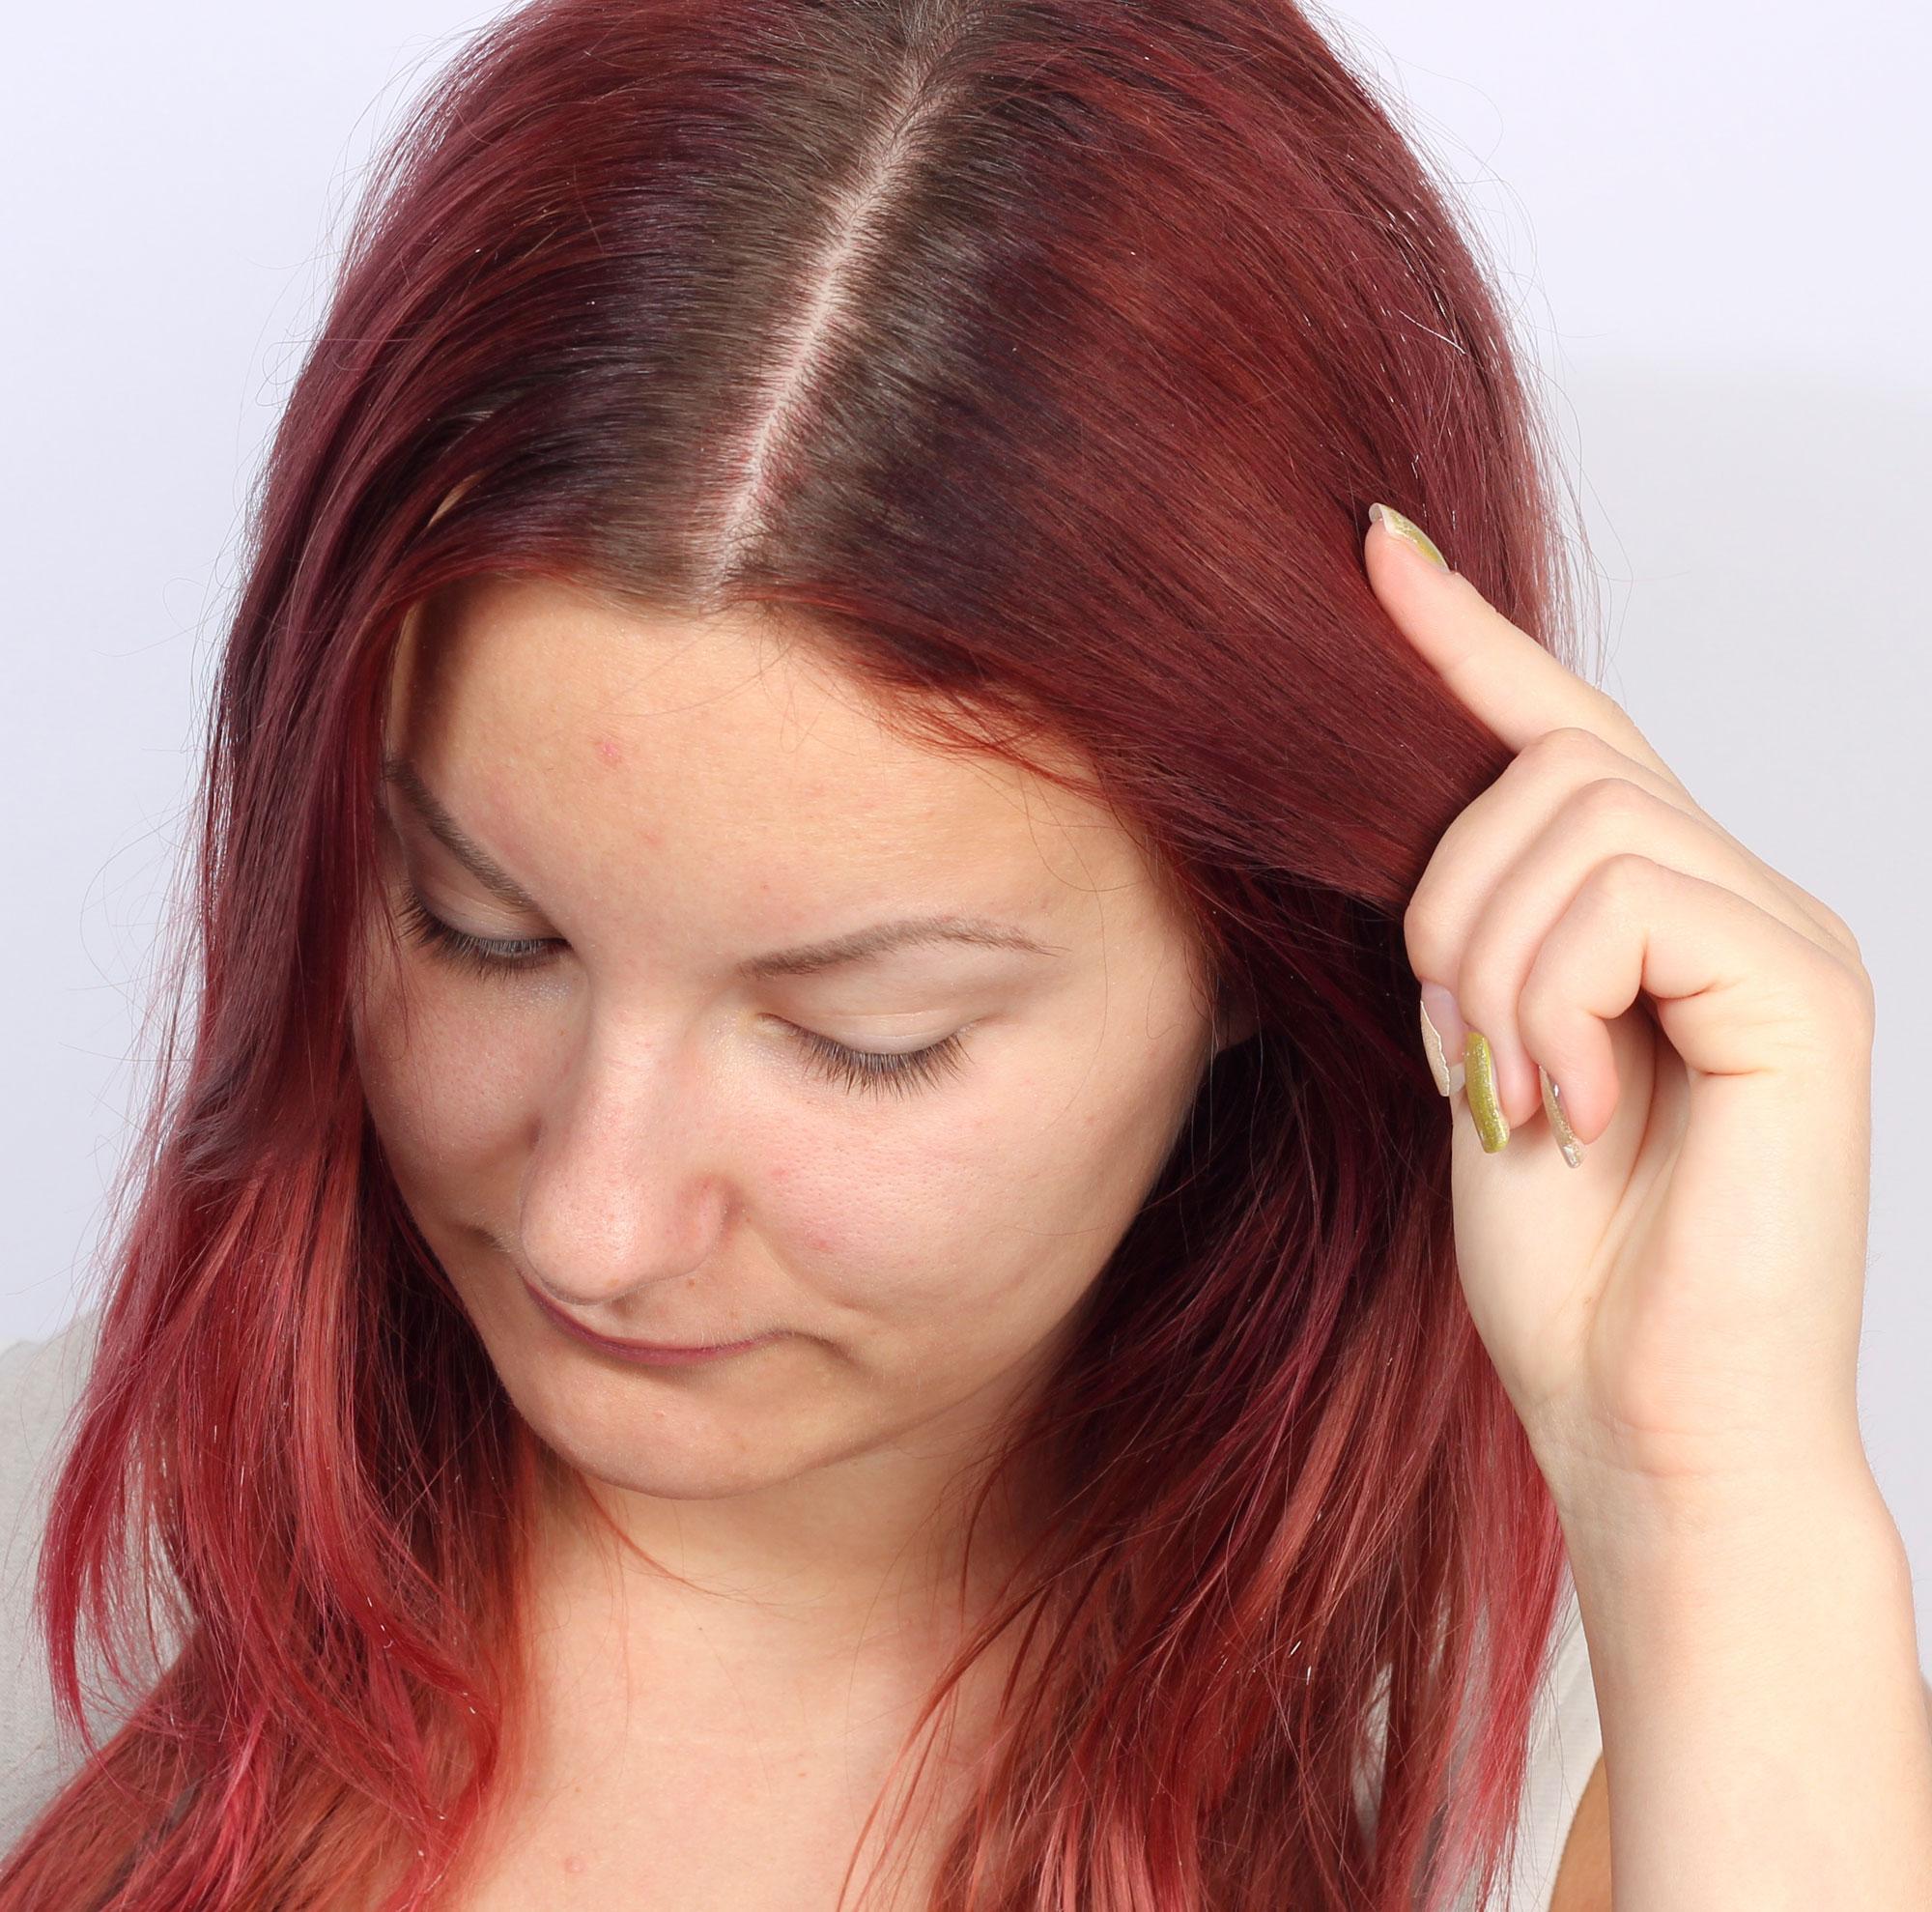 hur ofta färga håret